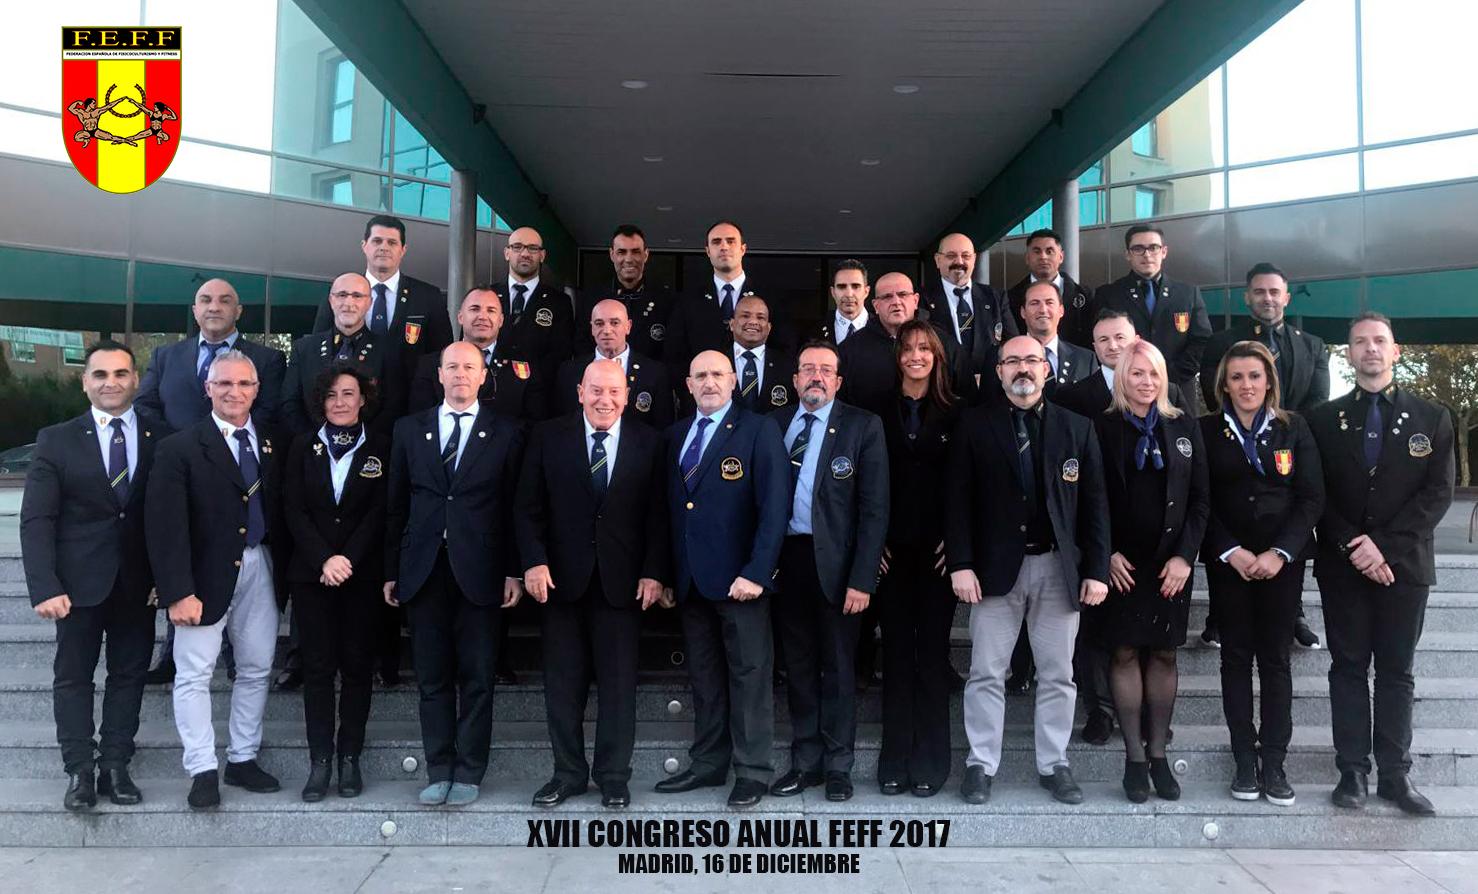 Congreso-nacional-2017